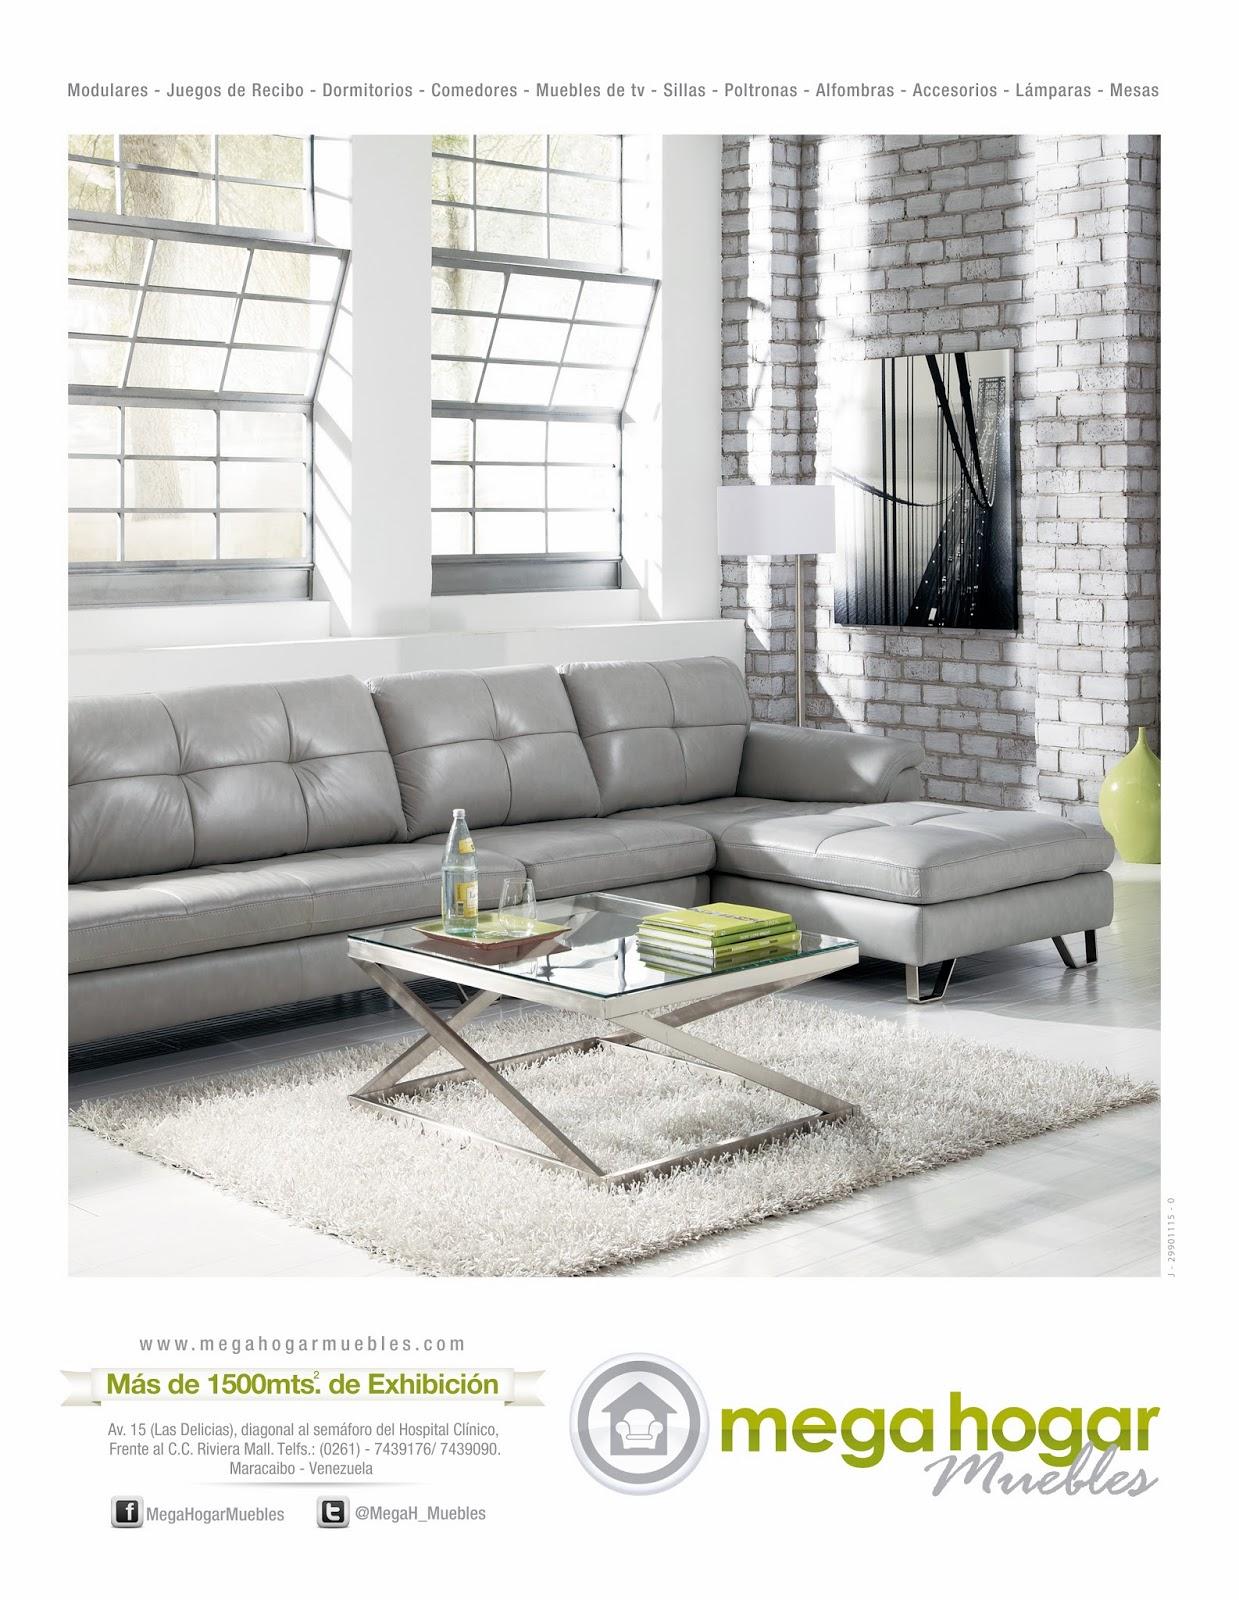 Algunos de mis mas recientes trabajos mega hogar muebles dise o arte urbano estilos - Mega muebles ...